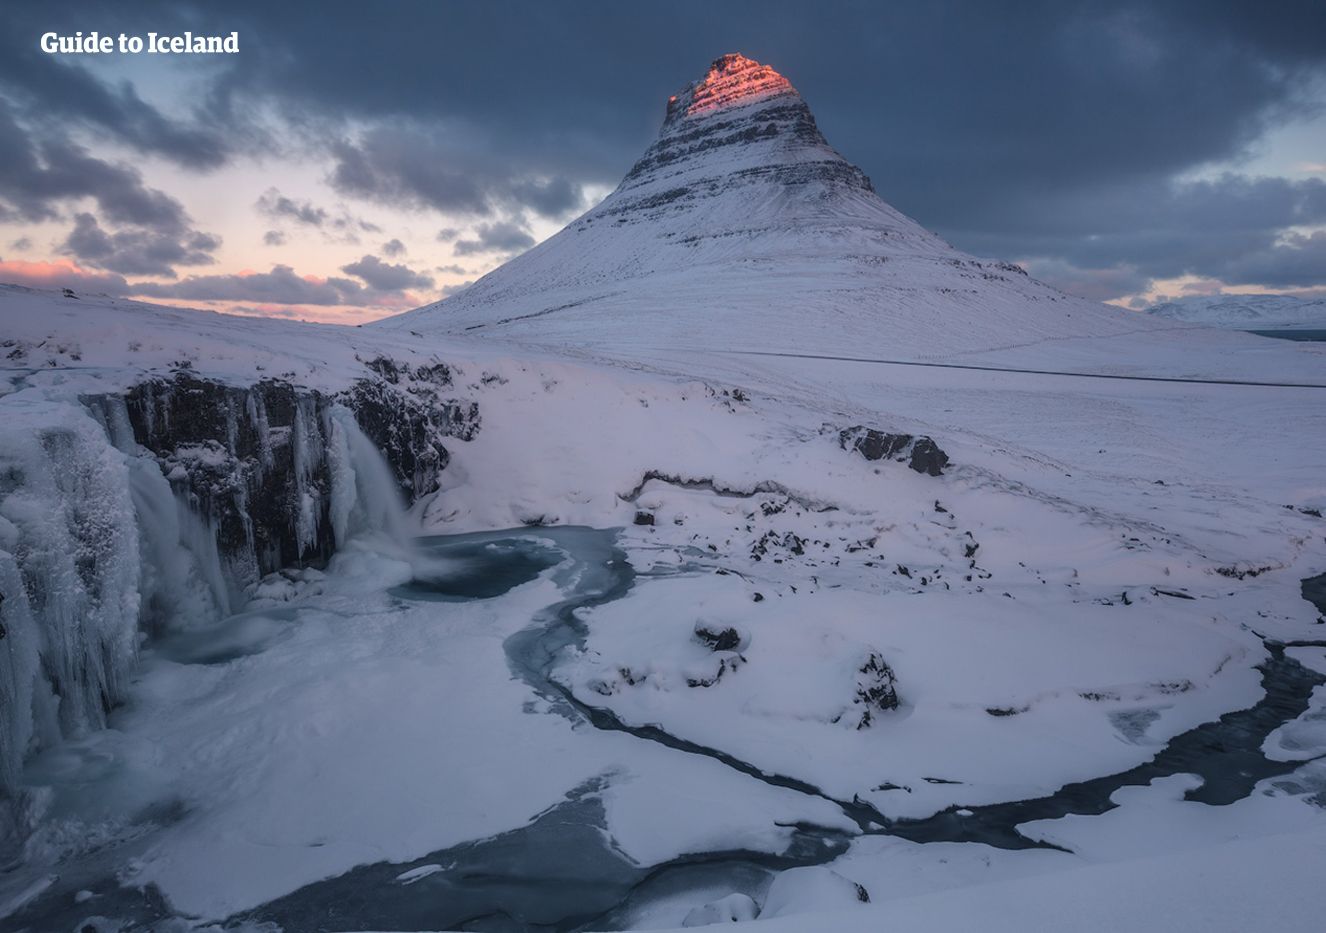 Autotour de 7 jours | Aurores boréales et grotte de glace - day 2